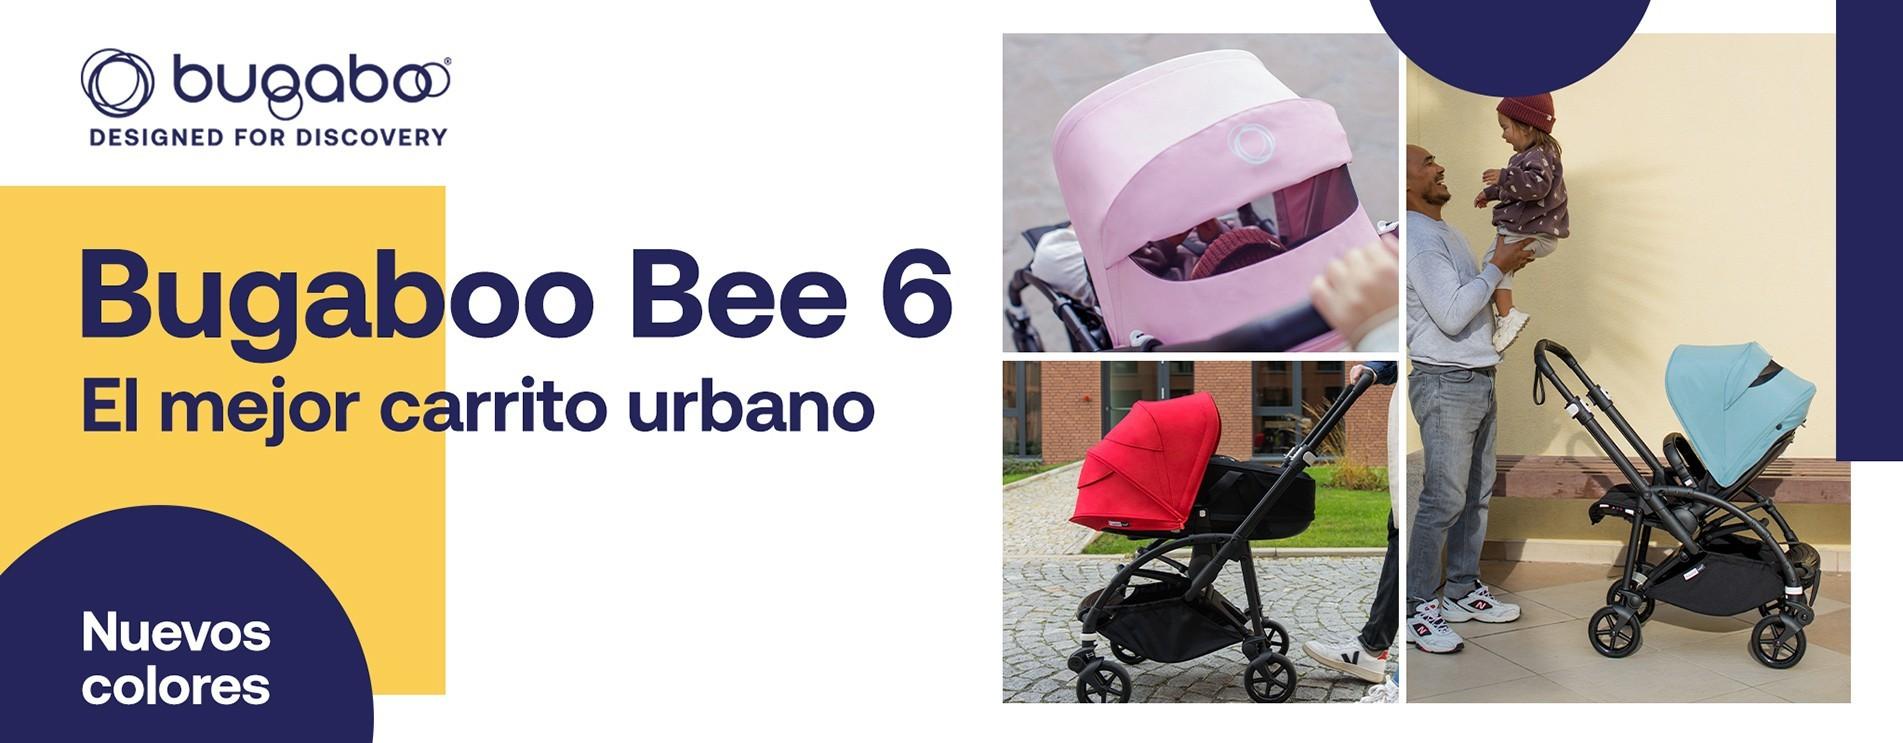 Nuevos colores Bugaboo Bee 6